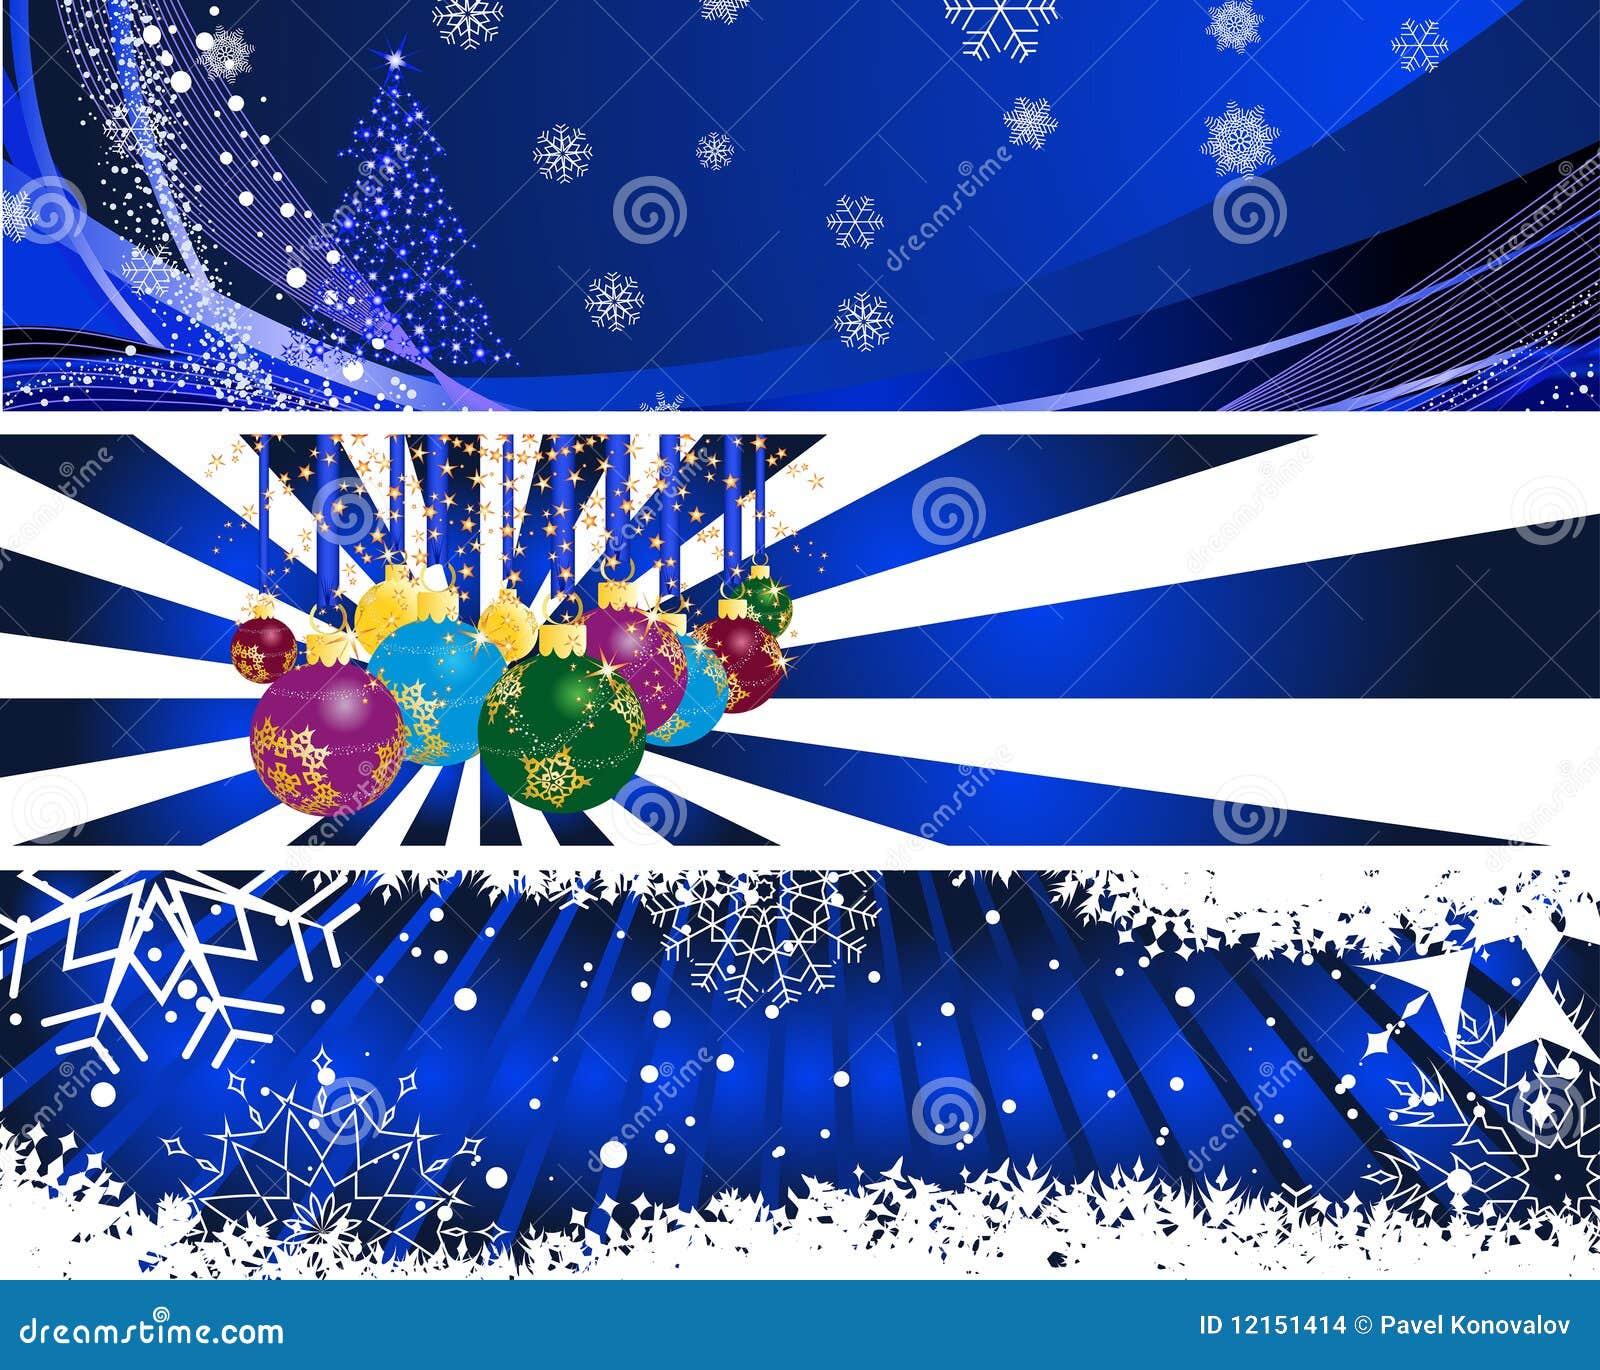 Баннеры для сайта к новому году